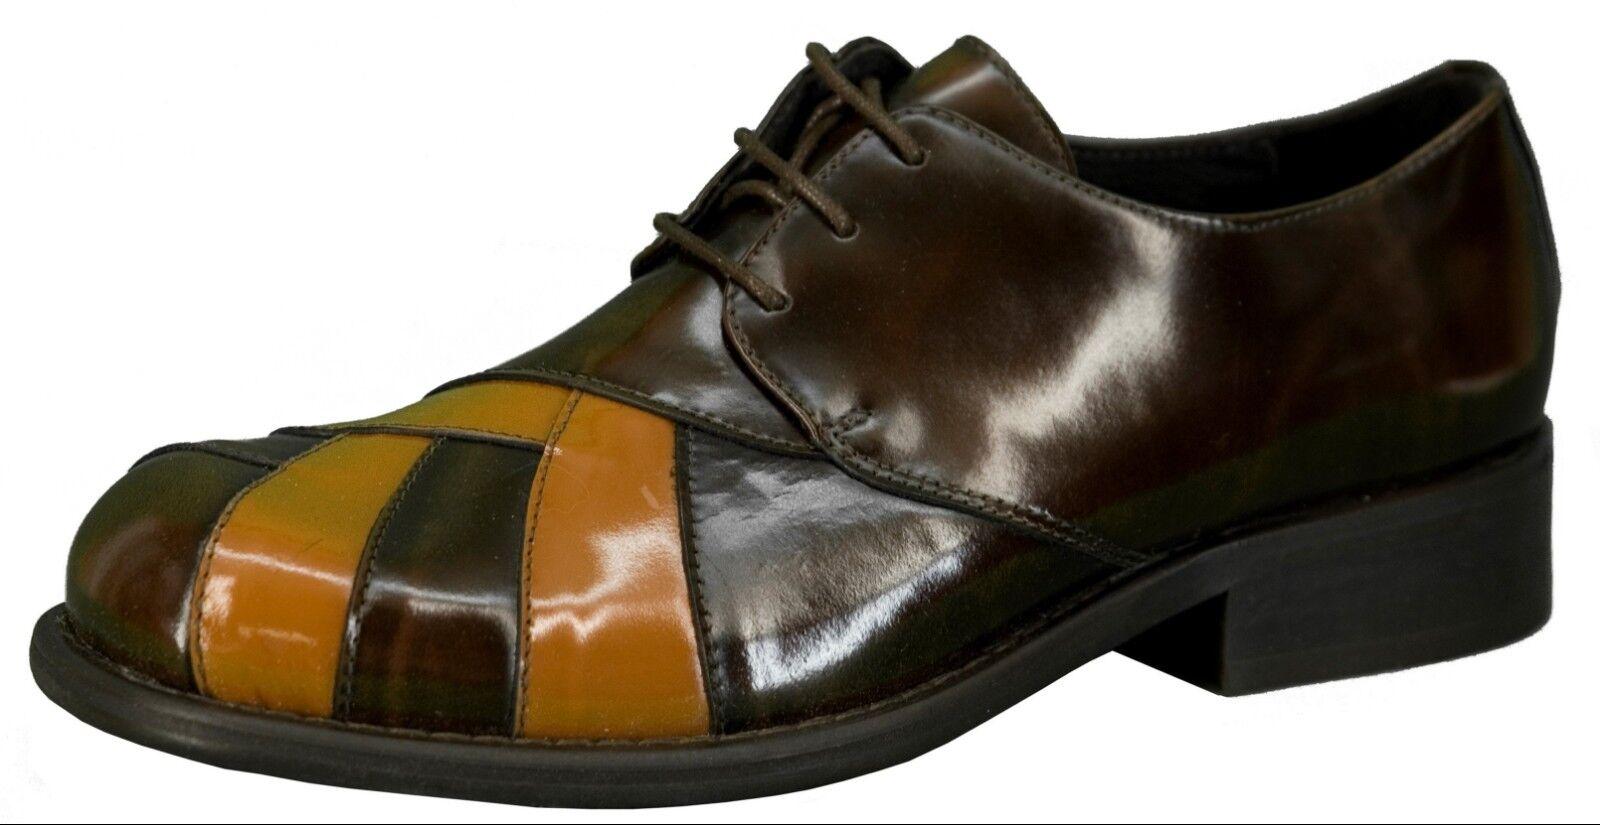 Ikon masculino, marrón, marrón, amarillo, zapatos de cuero.